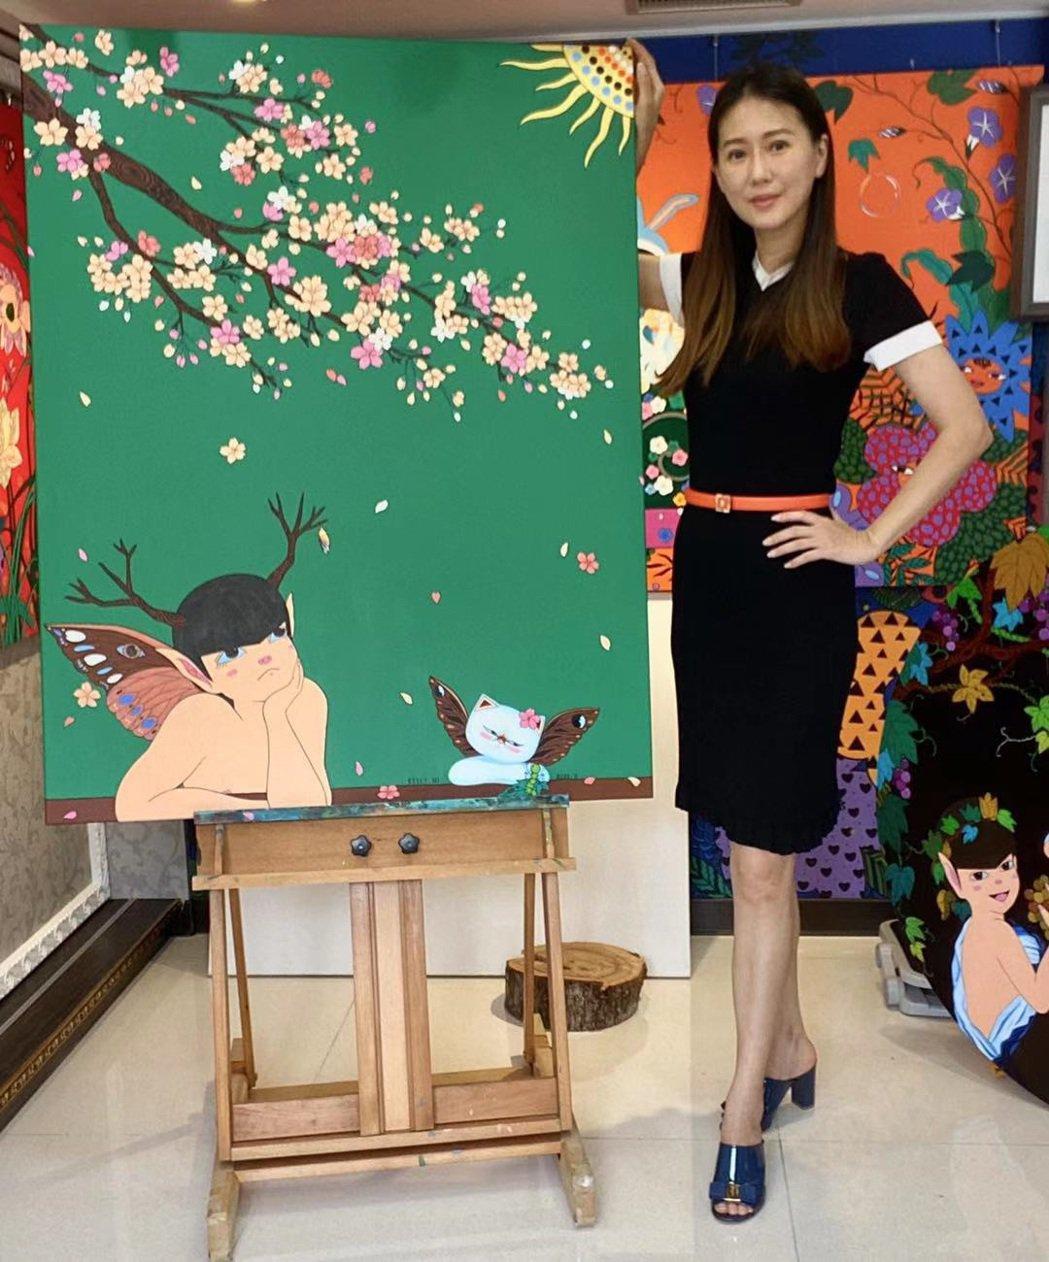 明星藝術家米凱莉疫情期間創作畫作「我等到花兒也謝了」之一「等待」,期待大家破繭而...